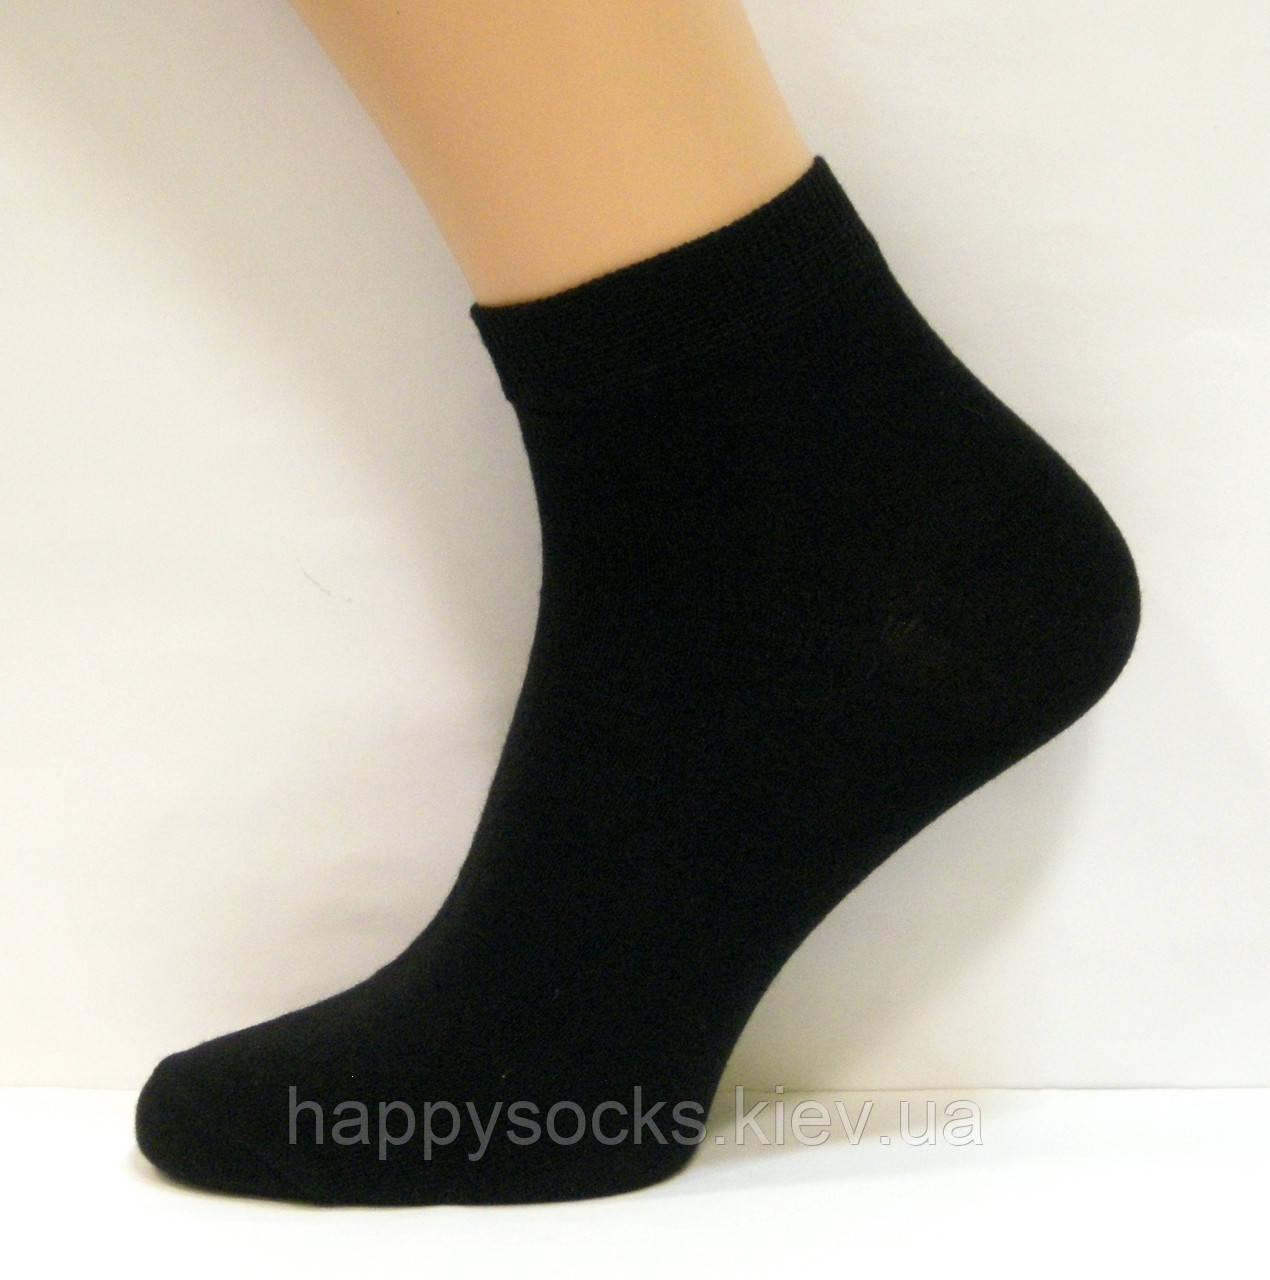 Чоловічі занижені шкарпетки чорного кольору бавовняні